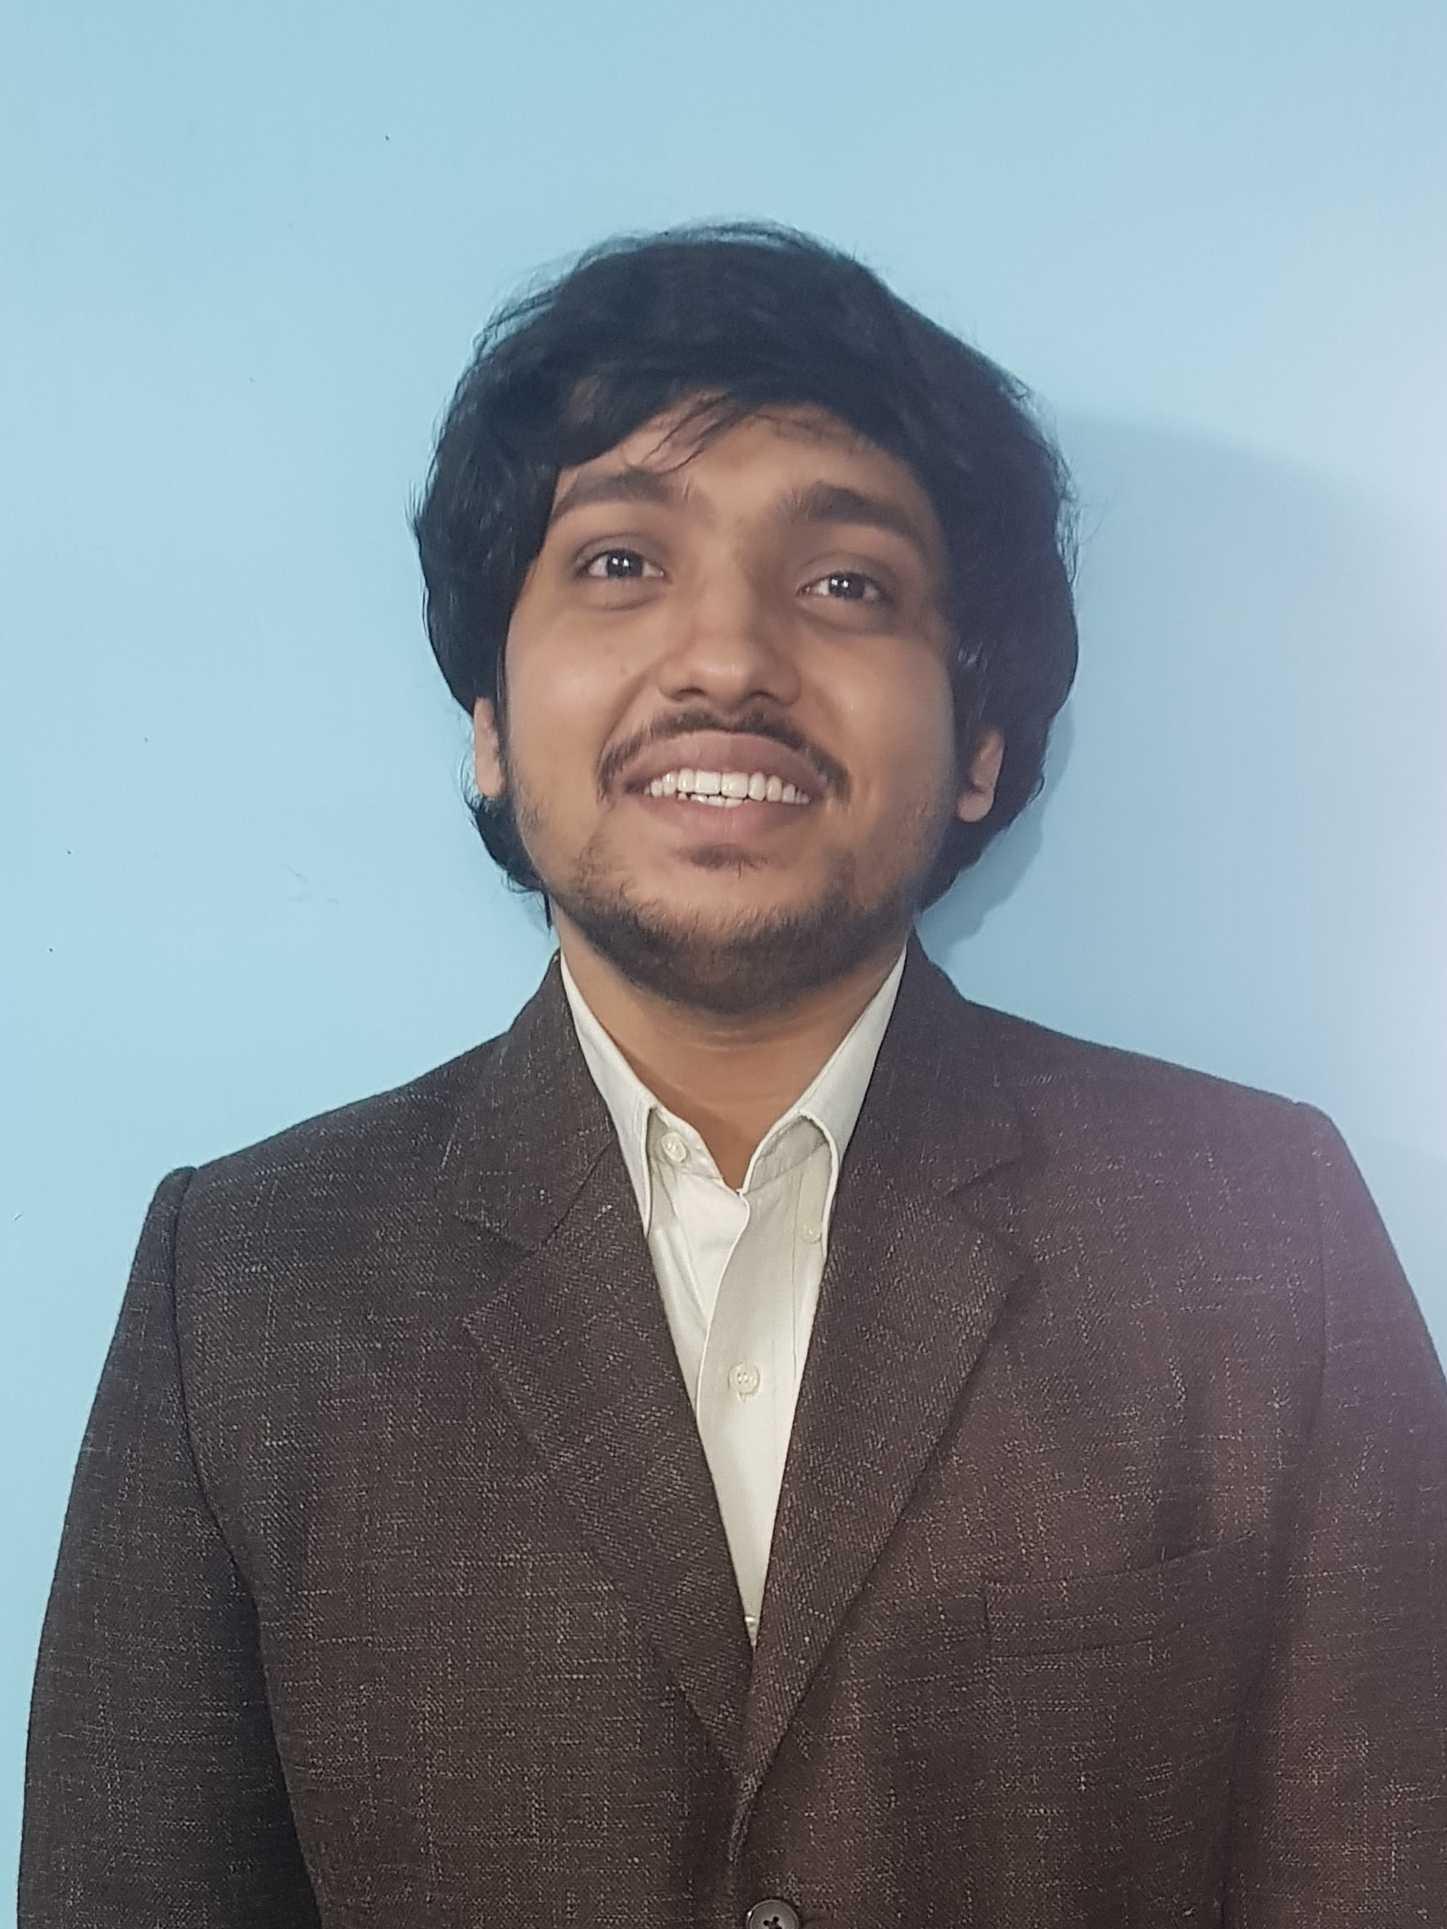 Bhaskar Priyadarshi